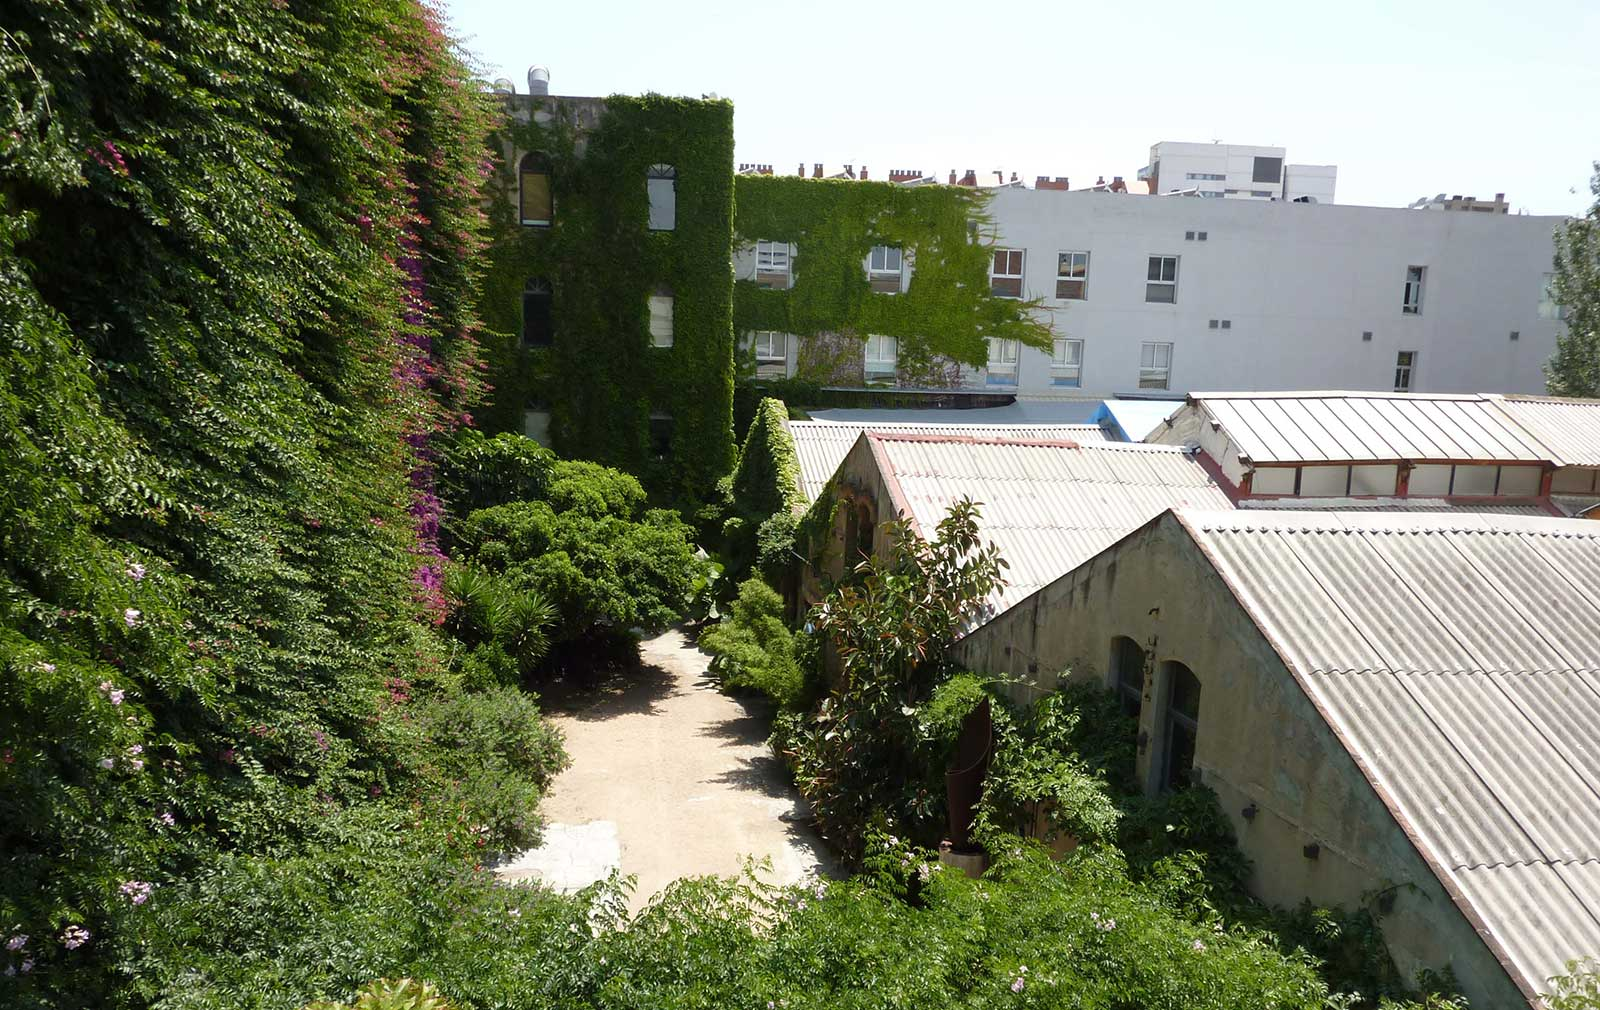 Palo Alto in Poblenou, Barcelona